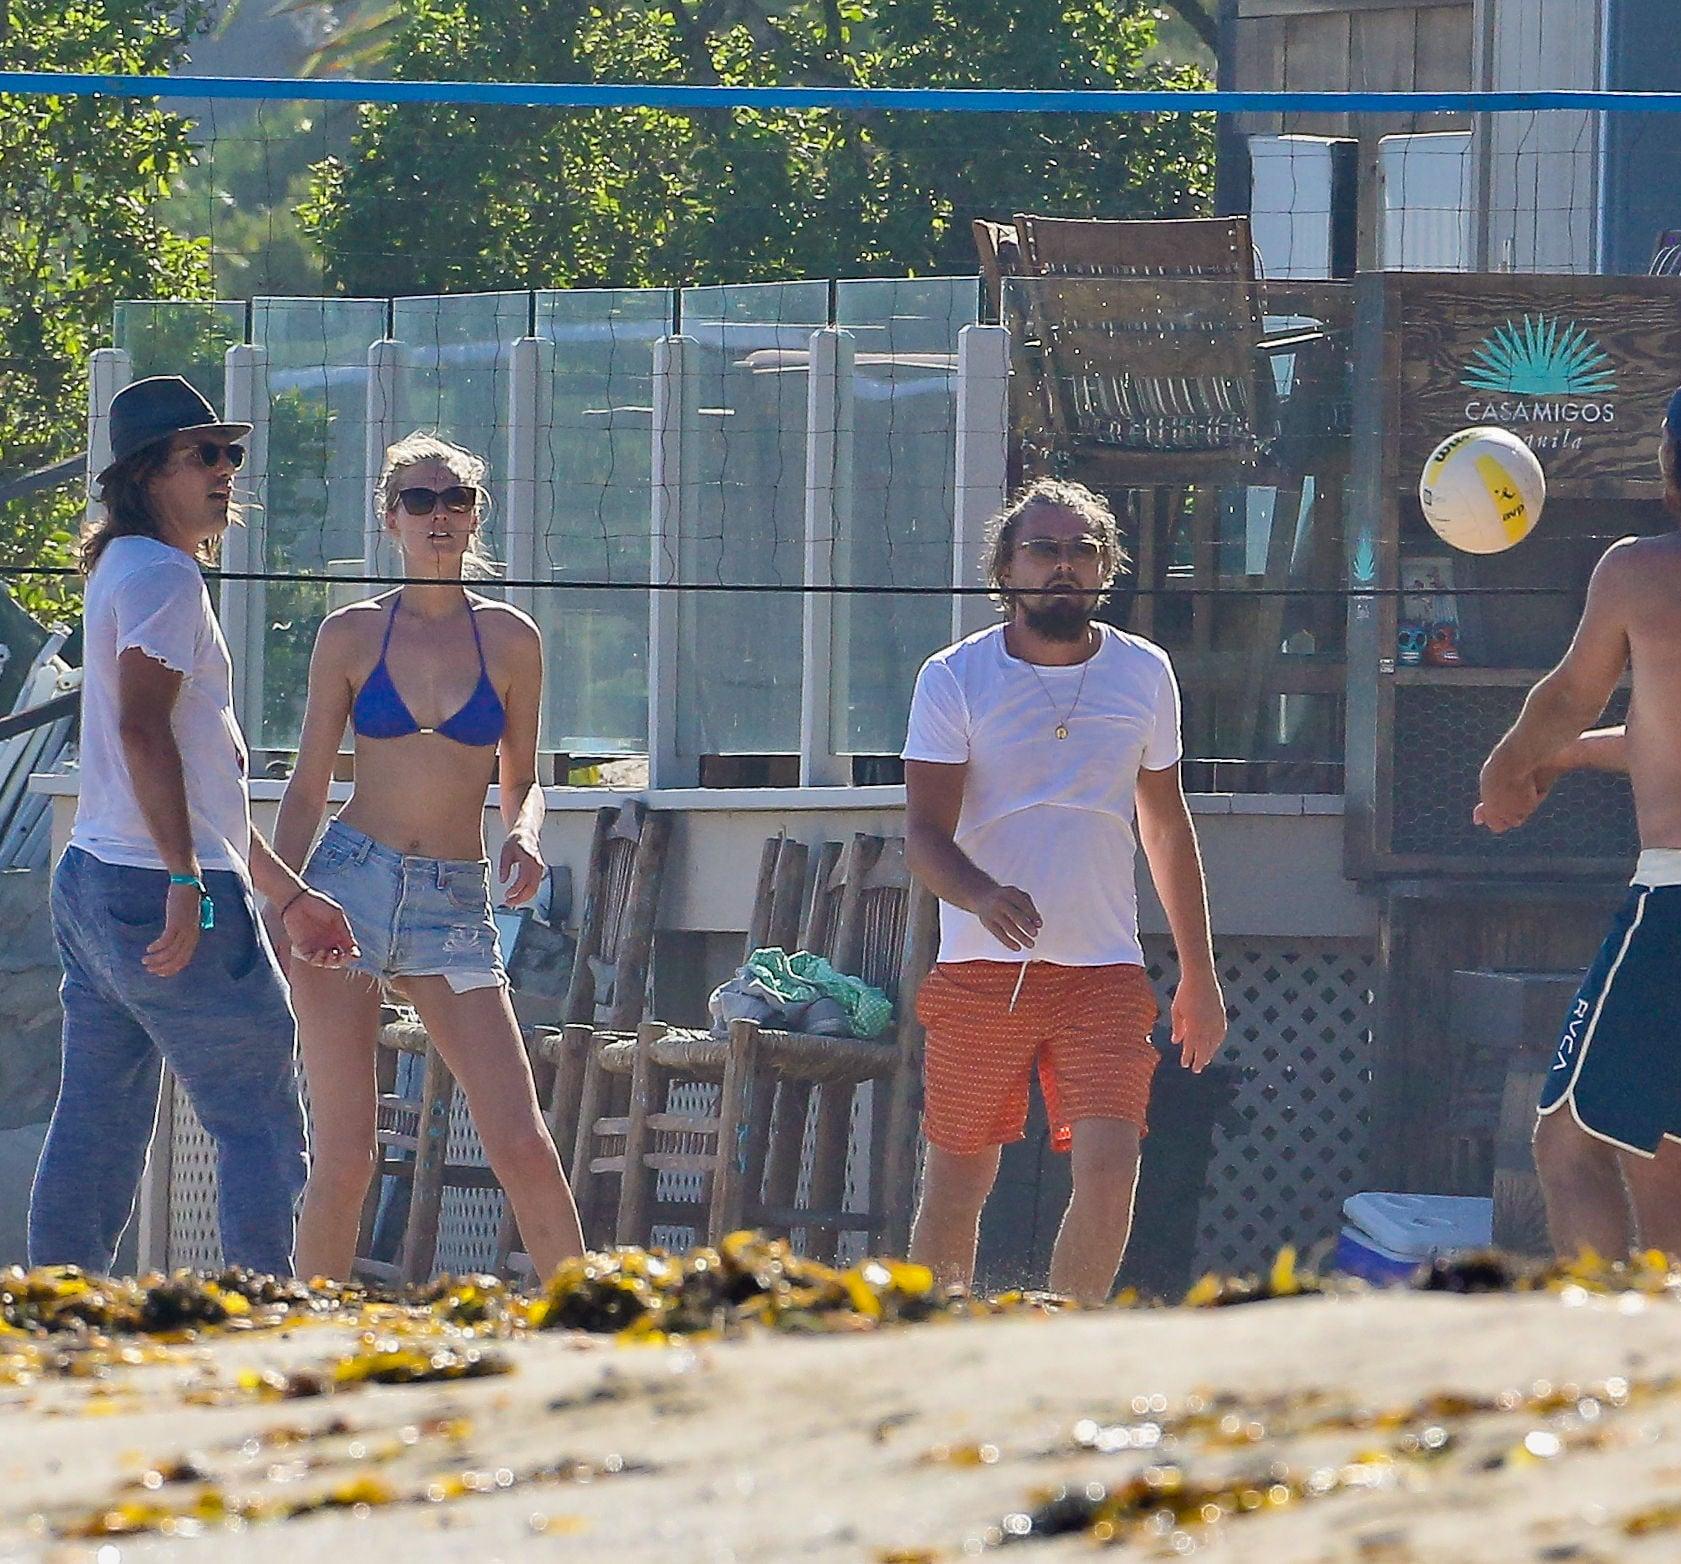 Beach Volleyball in Malibu?